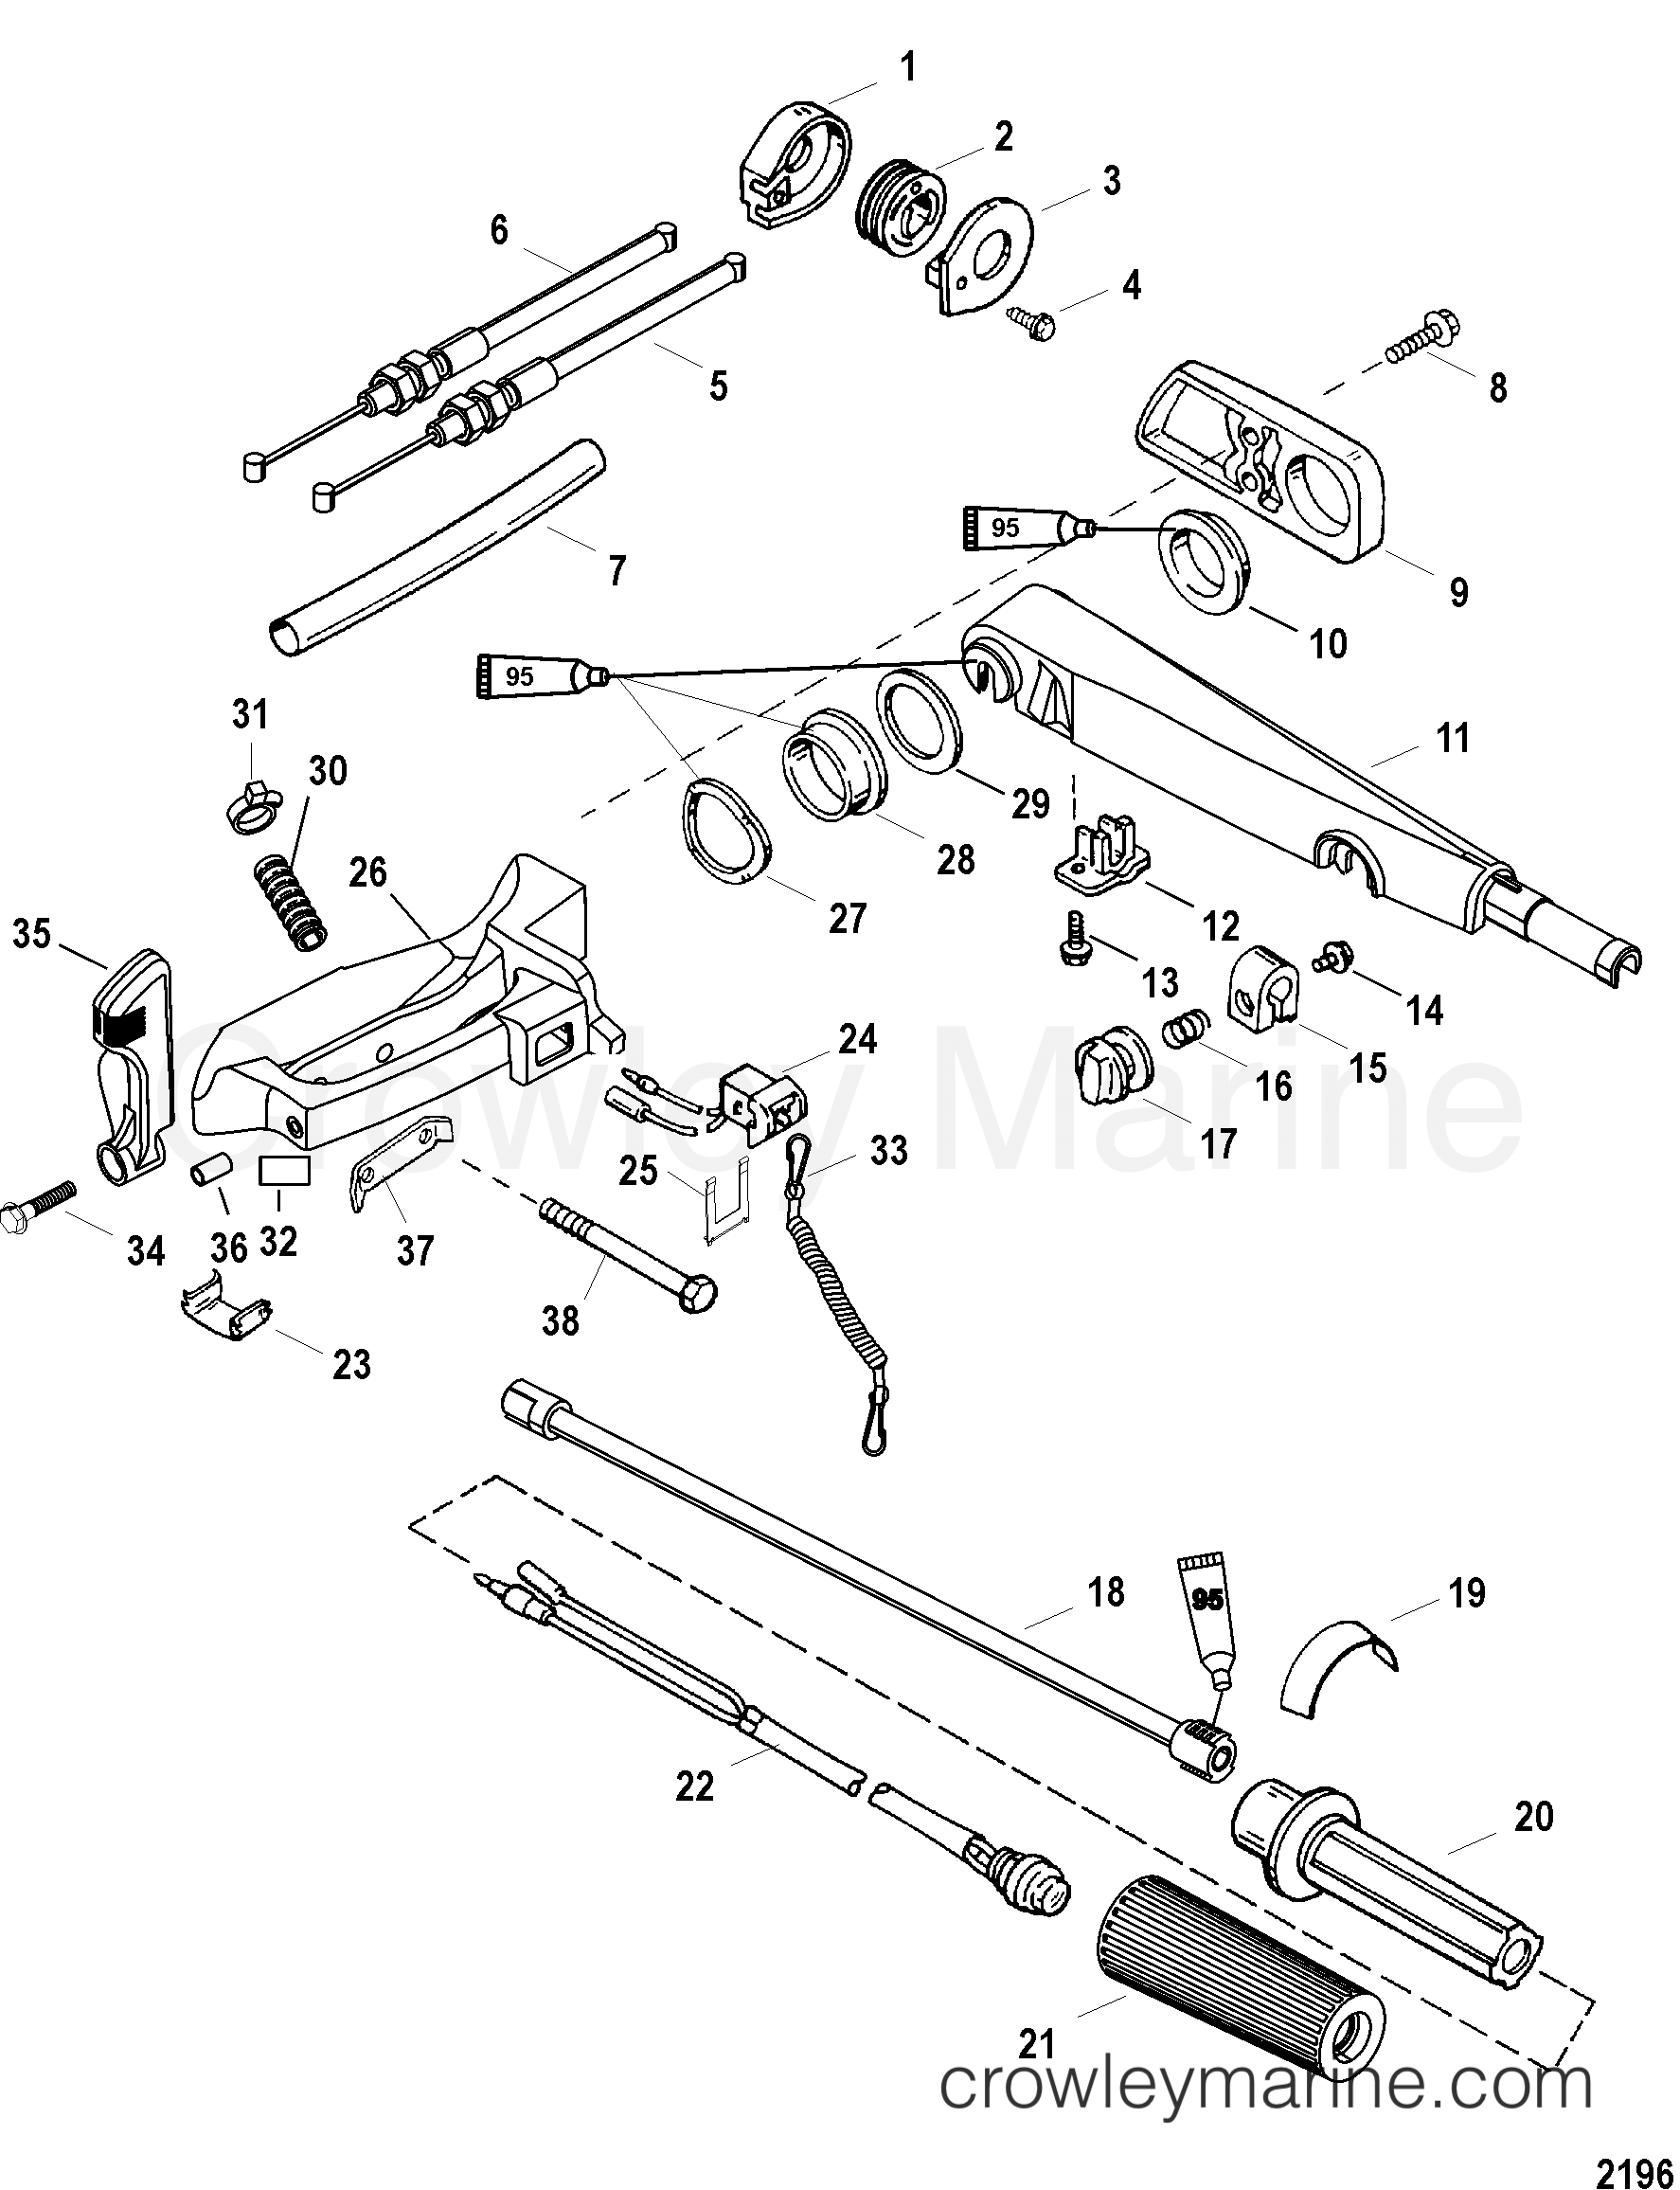 Serial Range Mariner Outboard 40 EFI (4 CYL.)(4-STROKE) - 0P401000 THRU 0P515896 [BEL] - TILLER HANDLE section